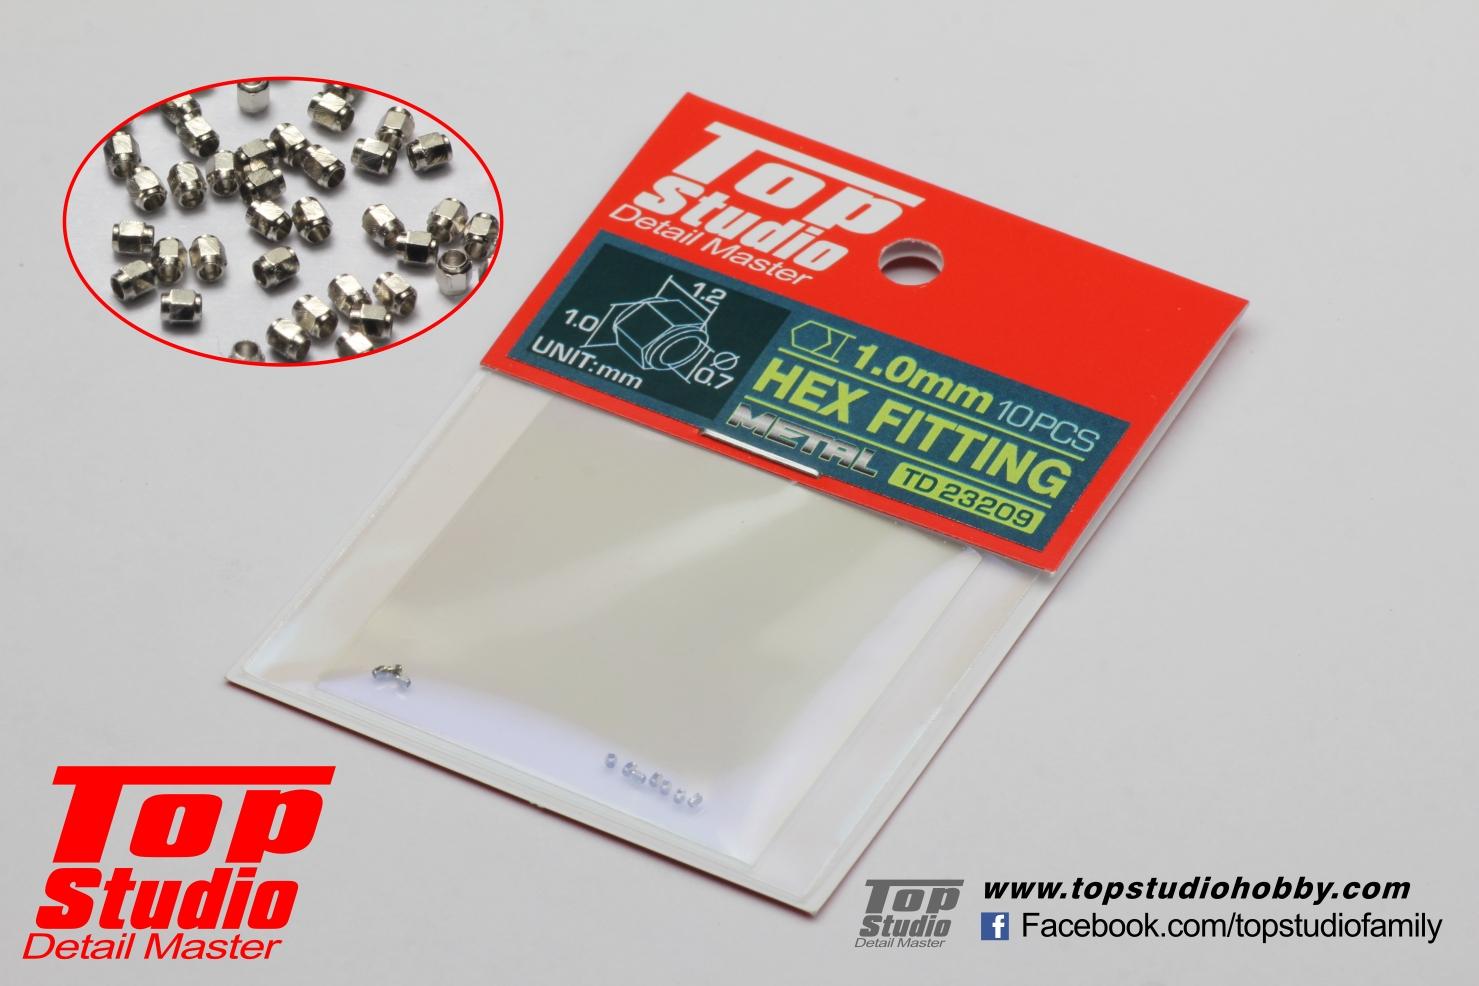 http://www.topstudiohobby.com/product/TD23209-TD23218/TD23209.jpg